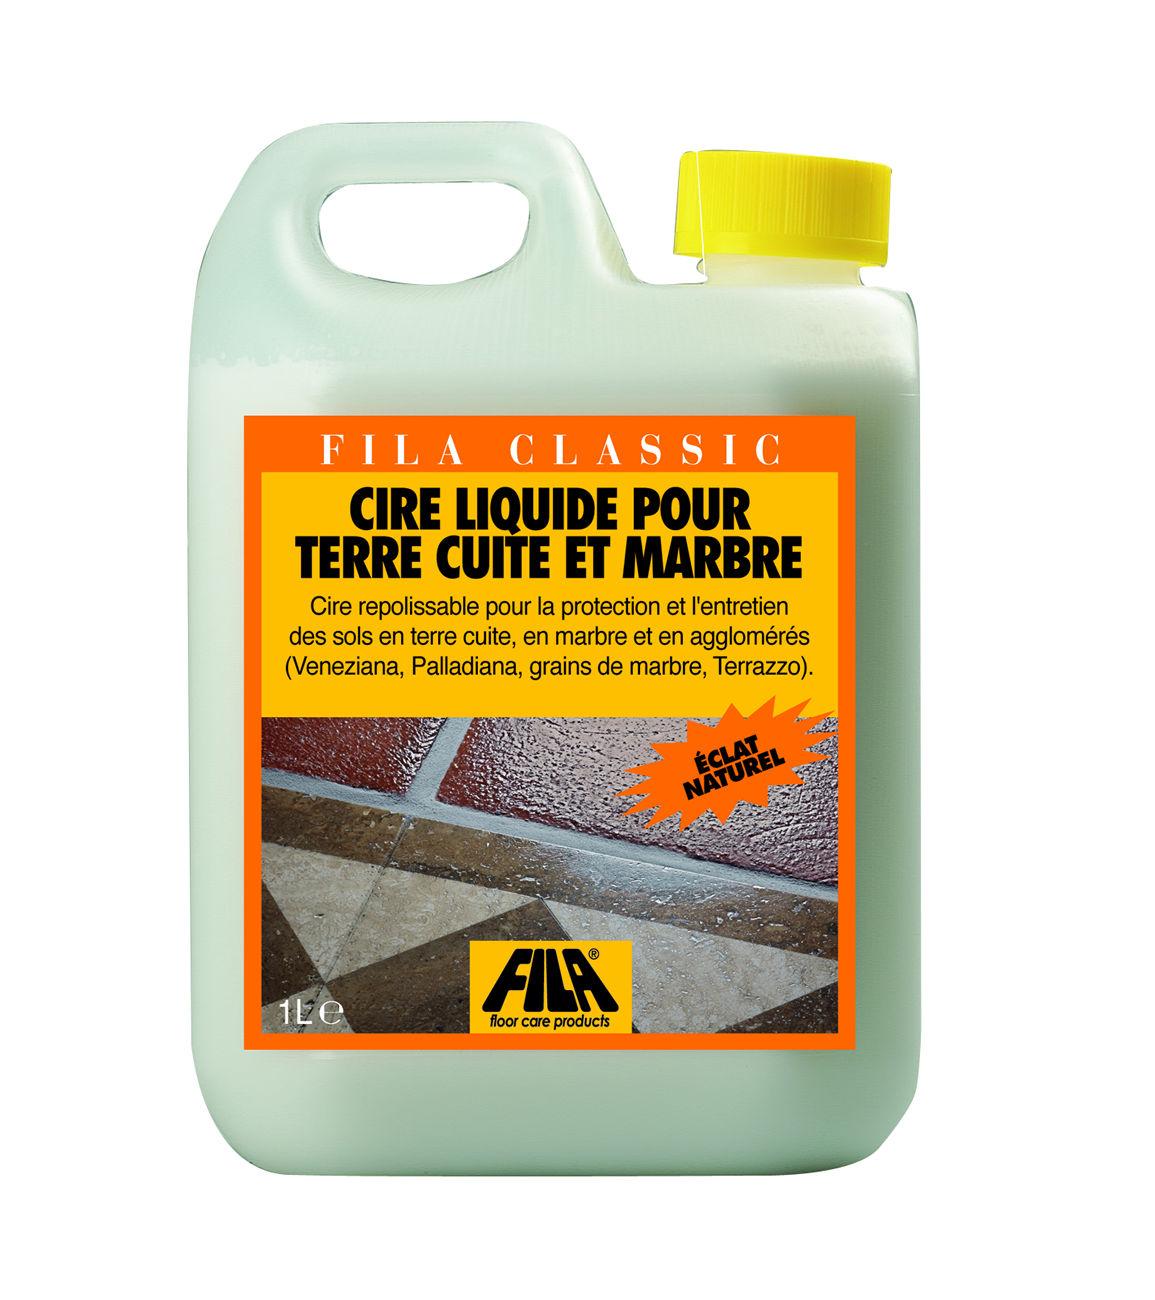 Cire liquide cologique fila classic for Fila produit carrelage